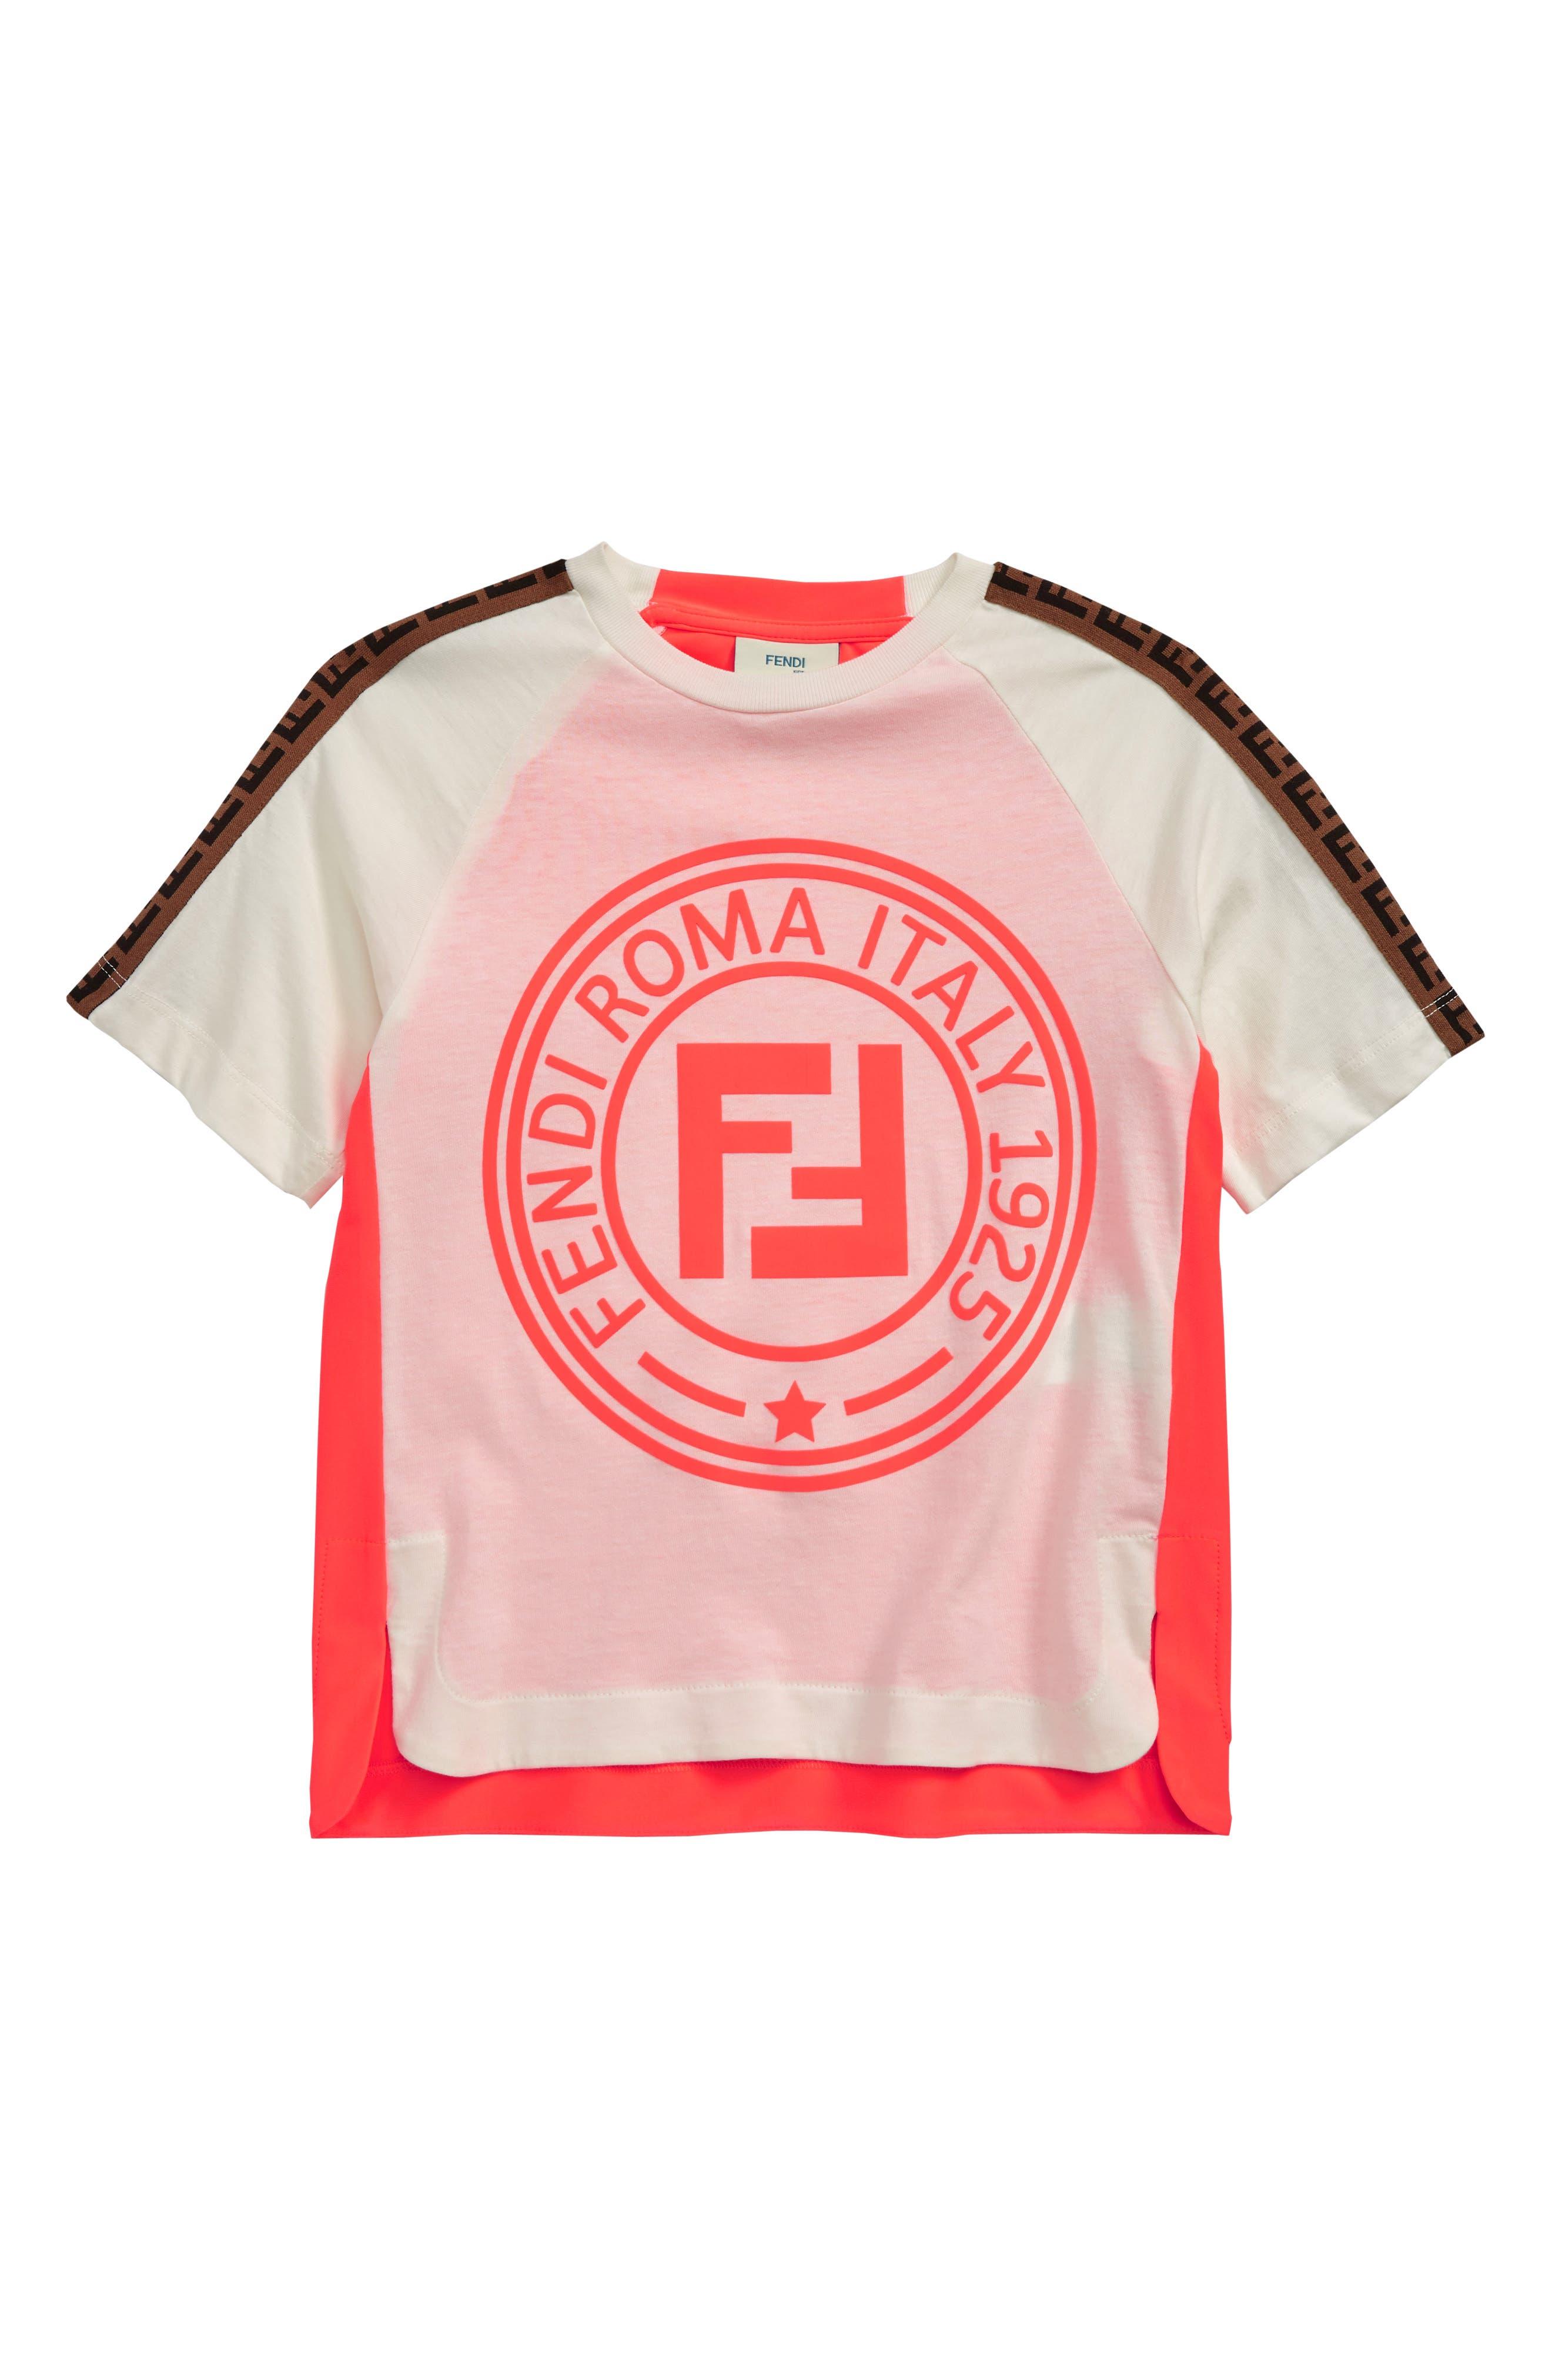 Girls Fendi Neon Logo Tee Size 6Y  White